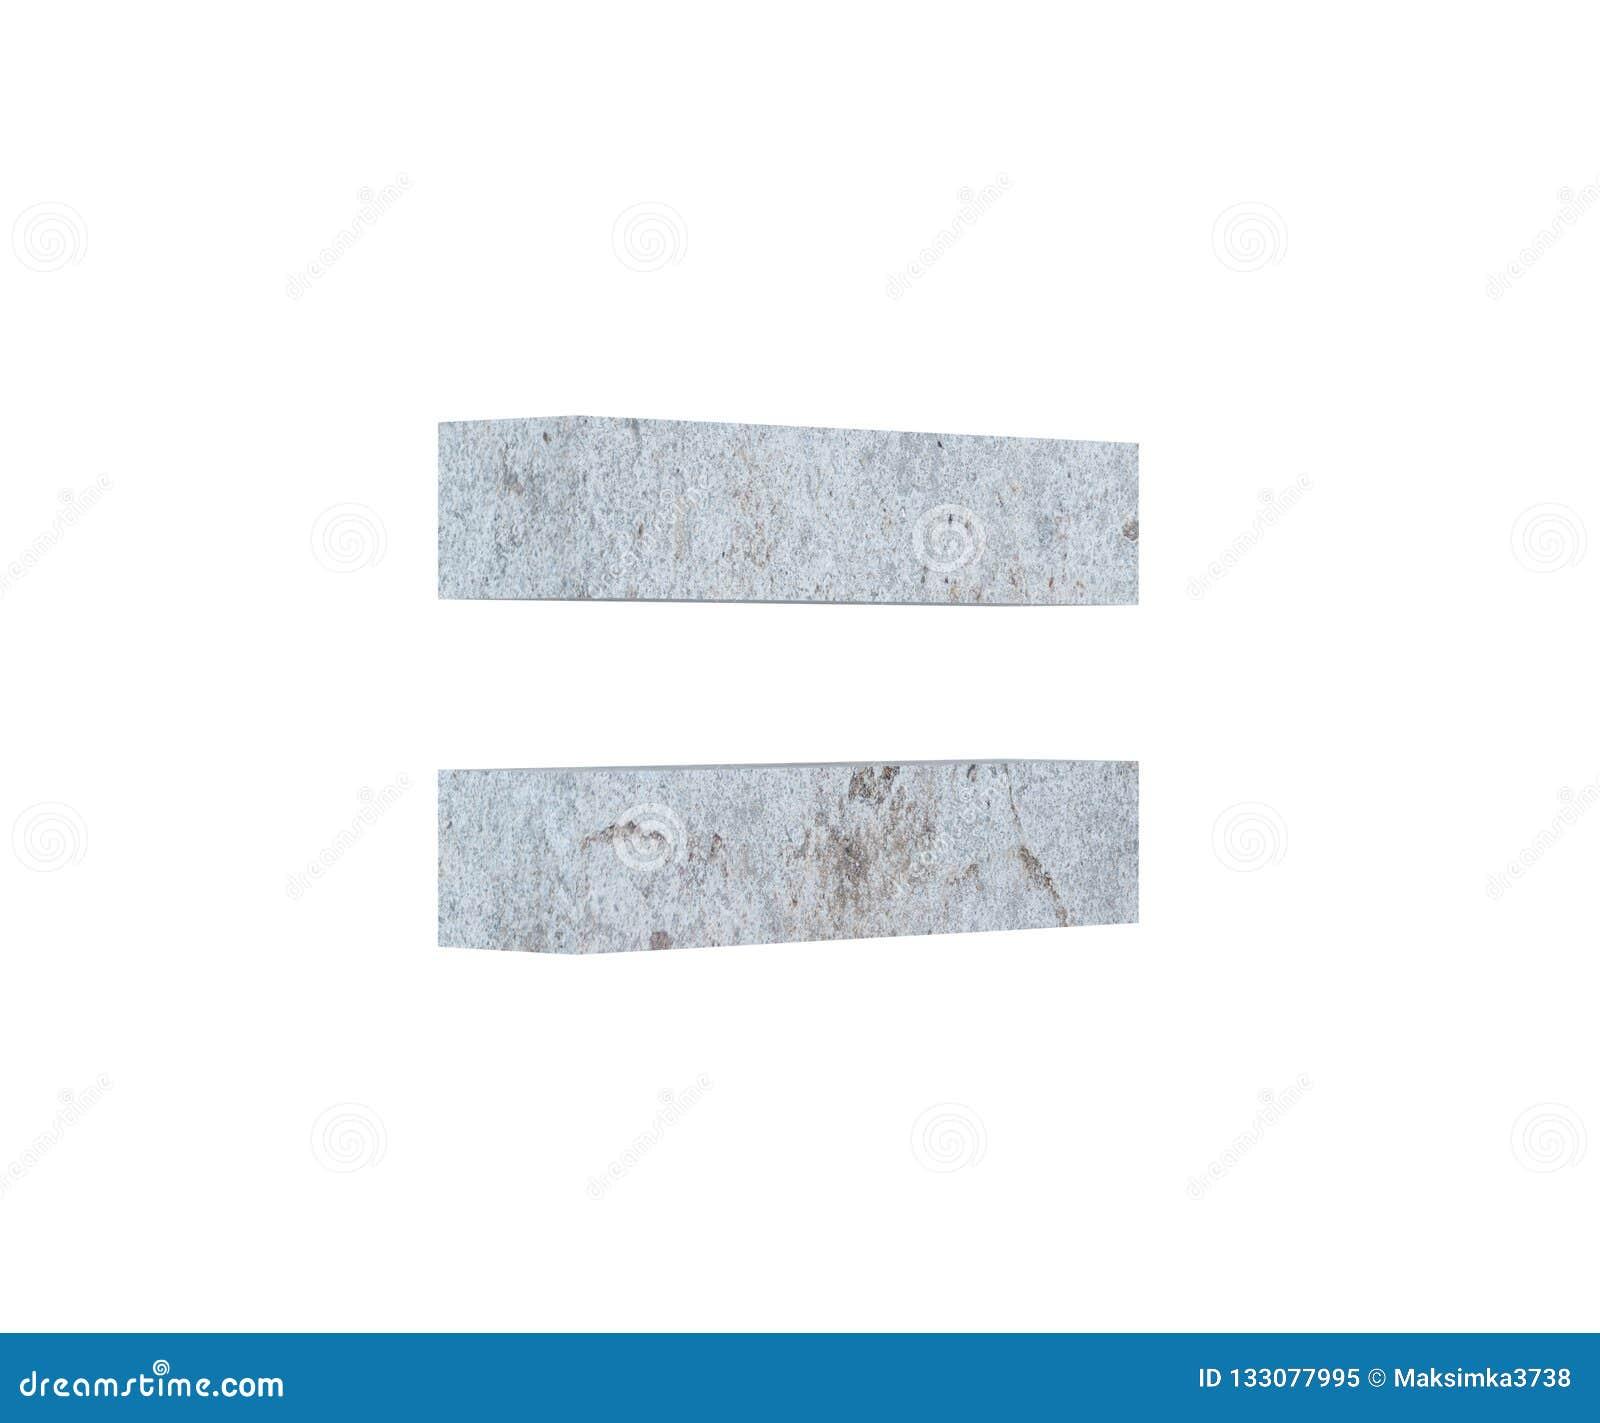 Konkretes Symbol der Wiedergabe 3D - Gleichgestelltes 3d übertragen Abbildung